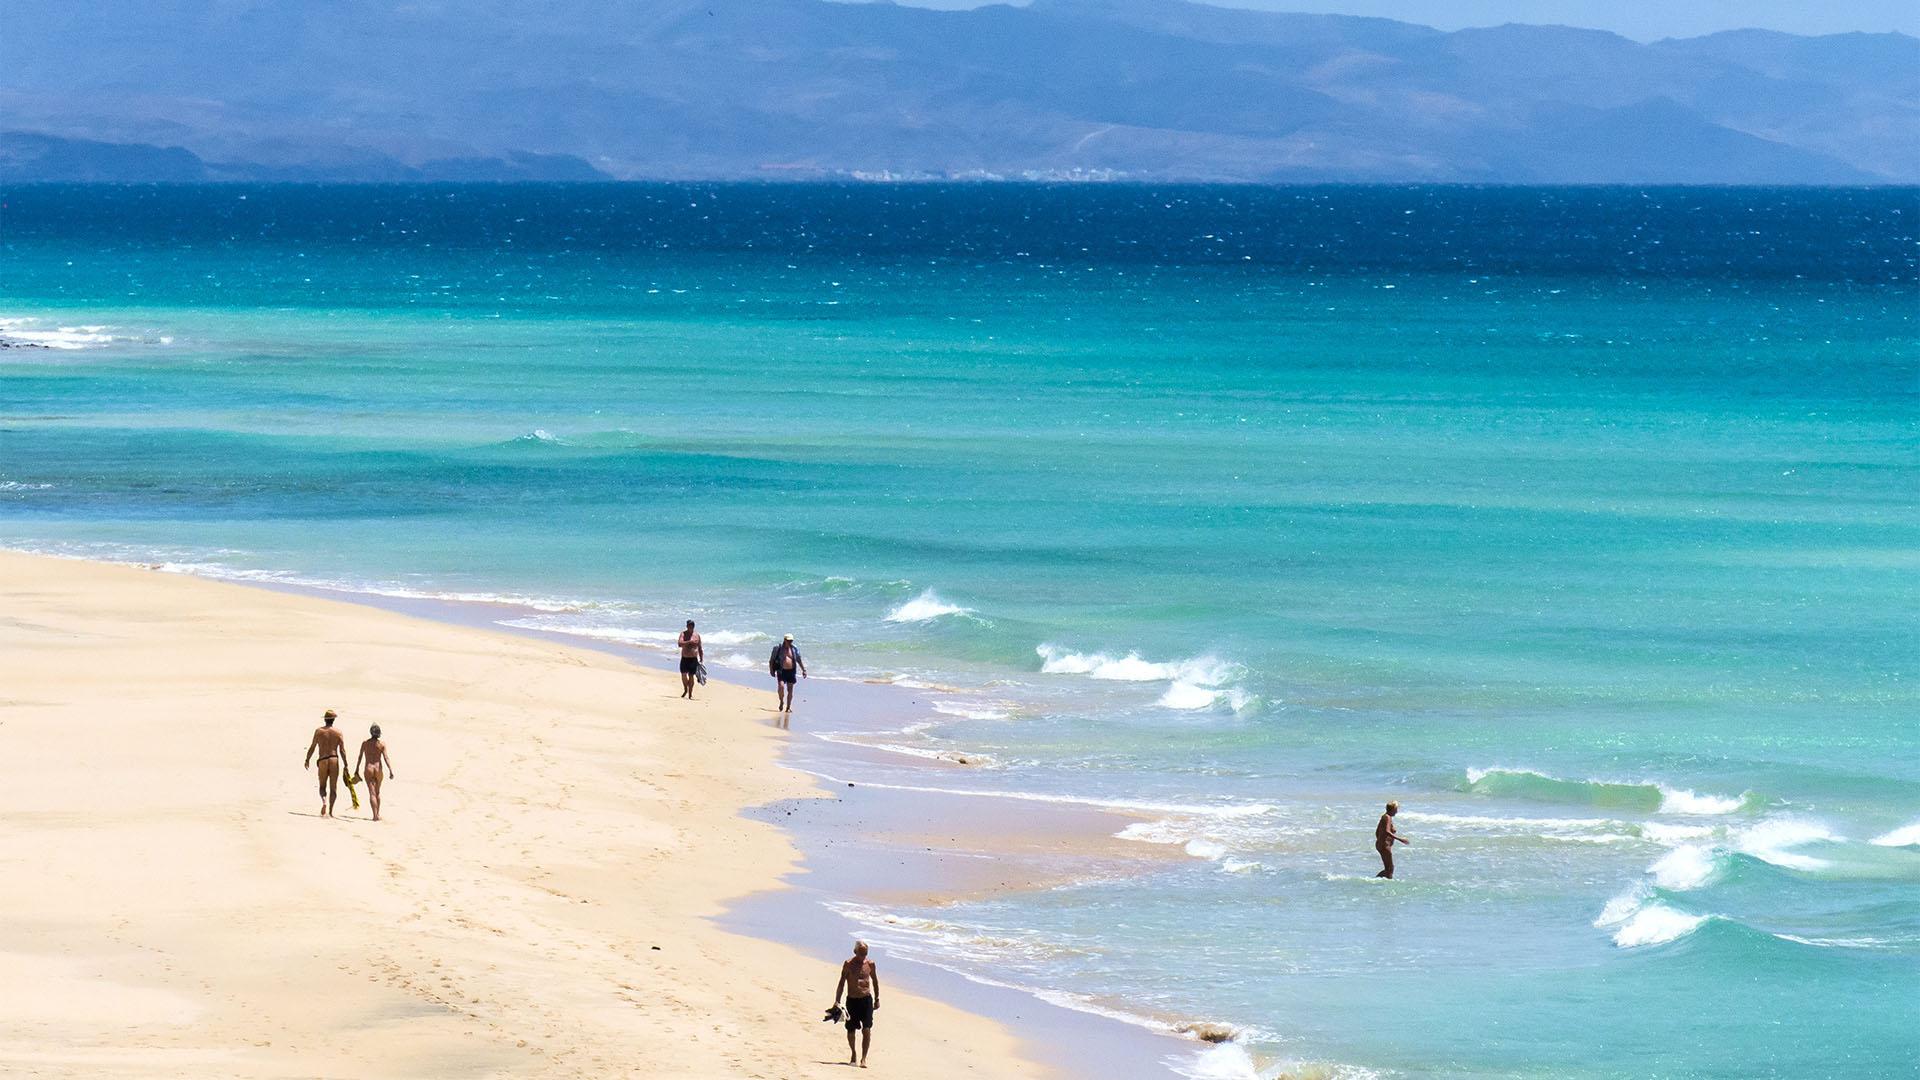 Playas de Jandía Fuerteventura.